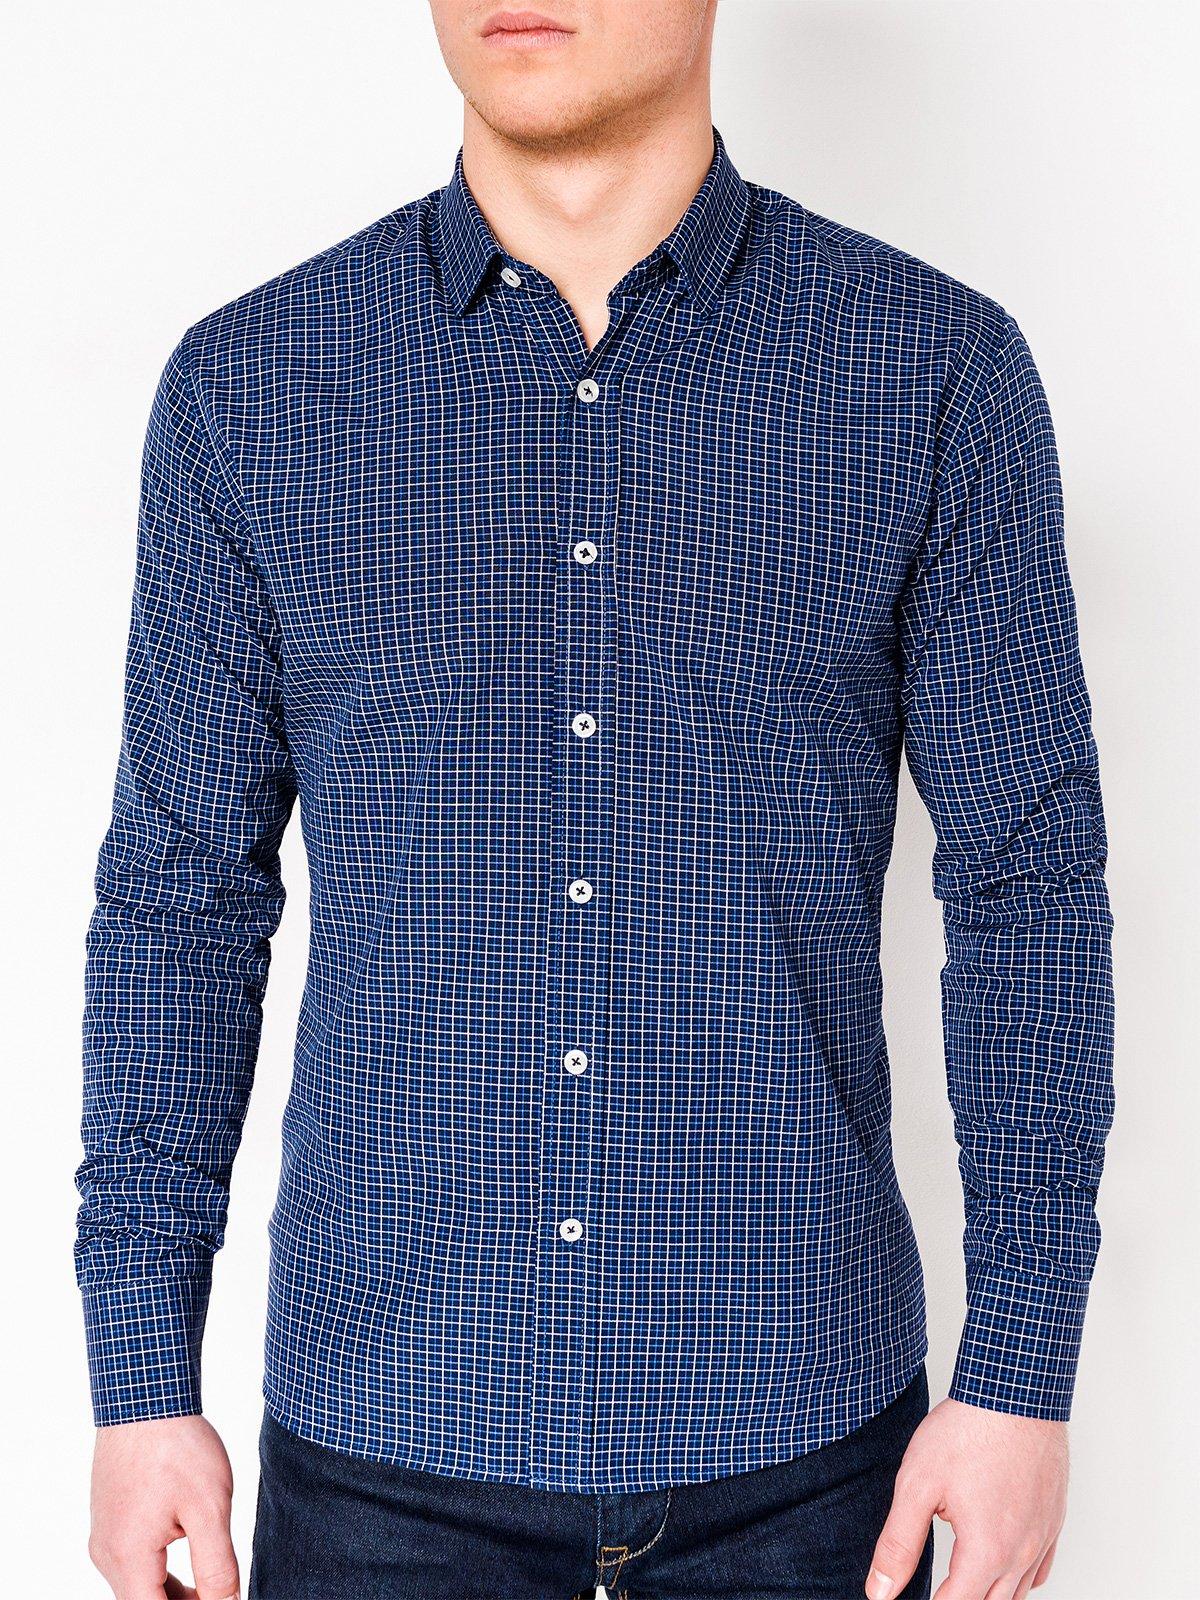 b1f663402807e04 Мужская рубашка в клеточку с длинным рукавом K434 - тёмно-синяя ...